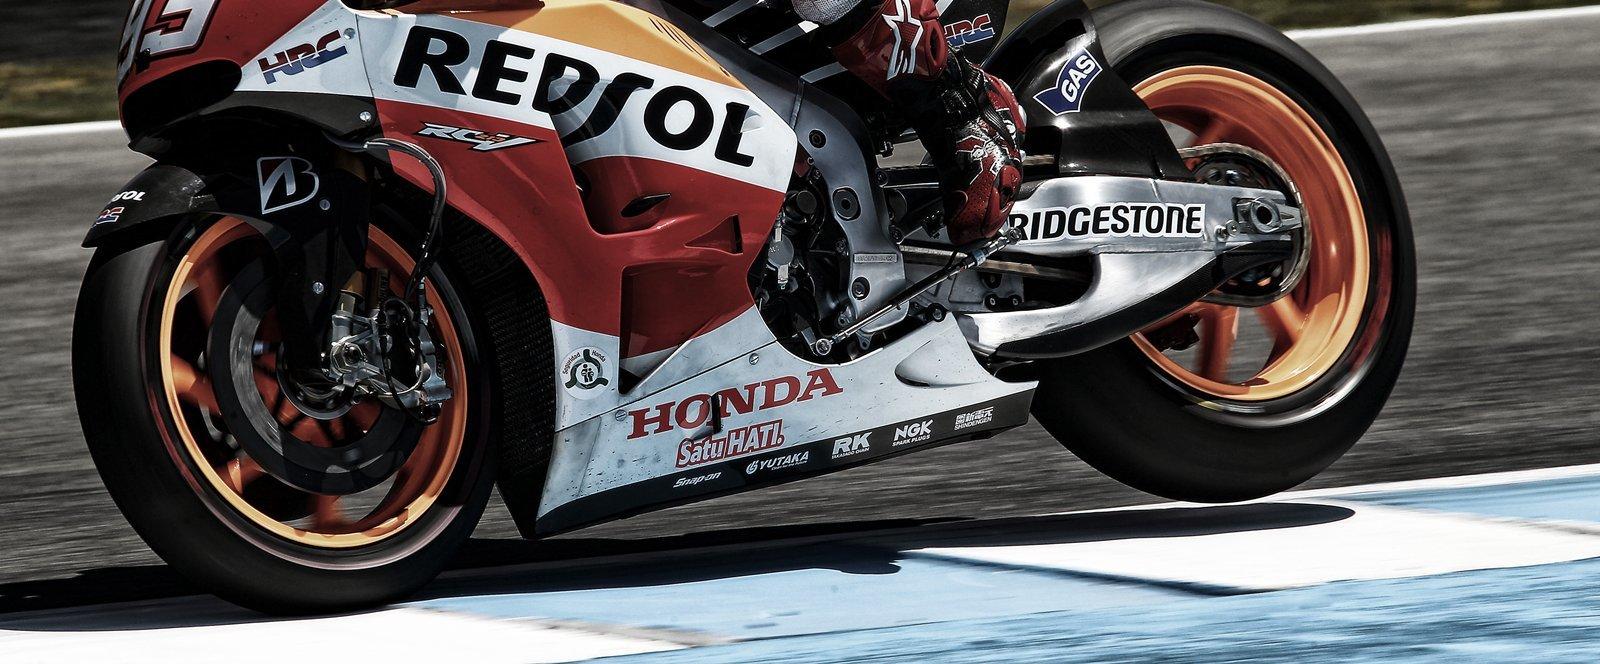 MotoGP España 2014: las mejores fotos (7/14)